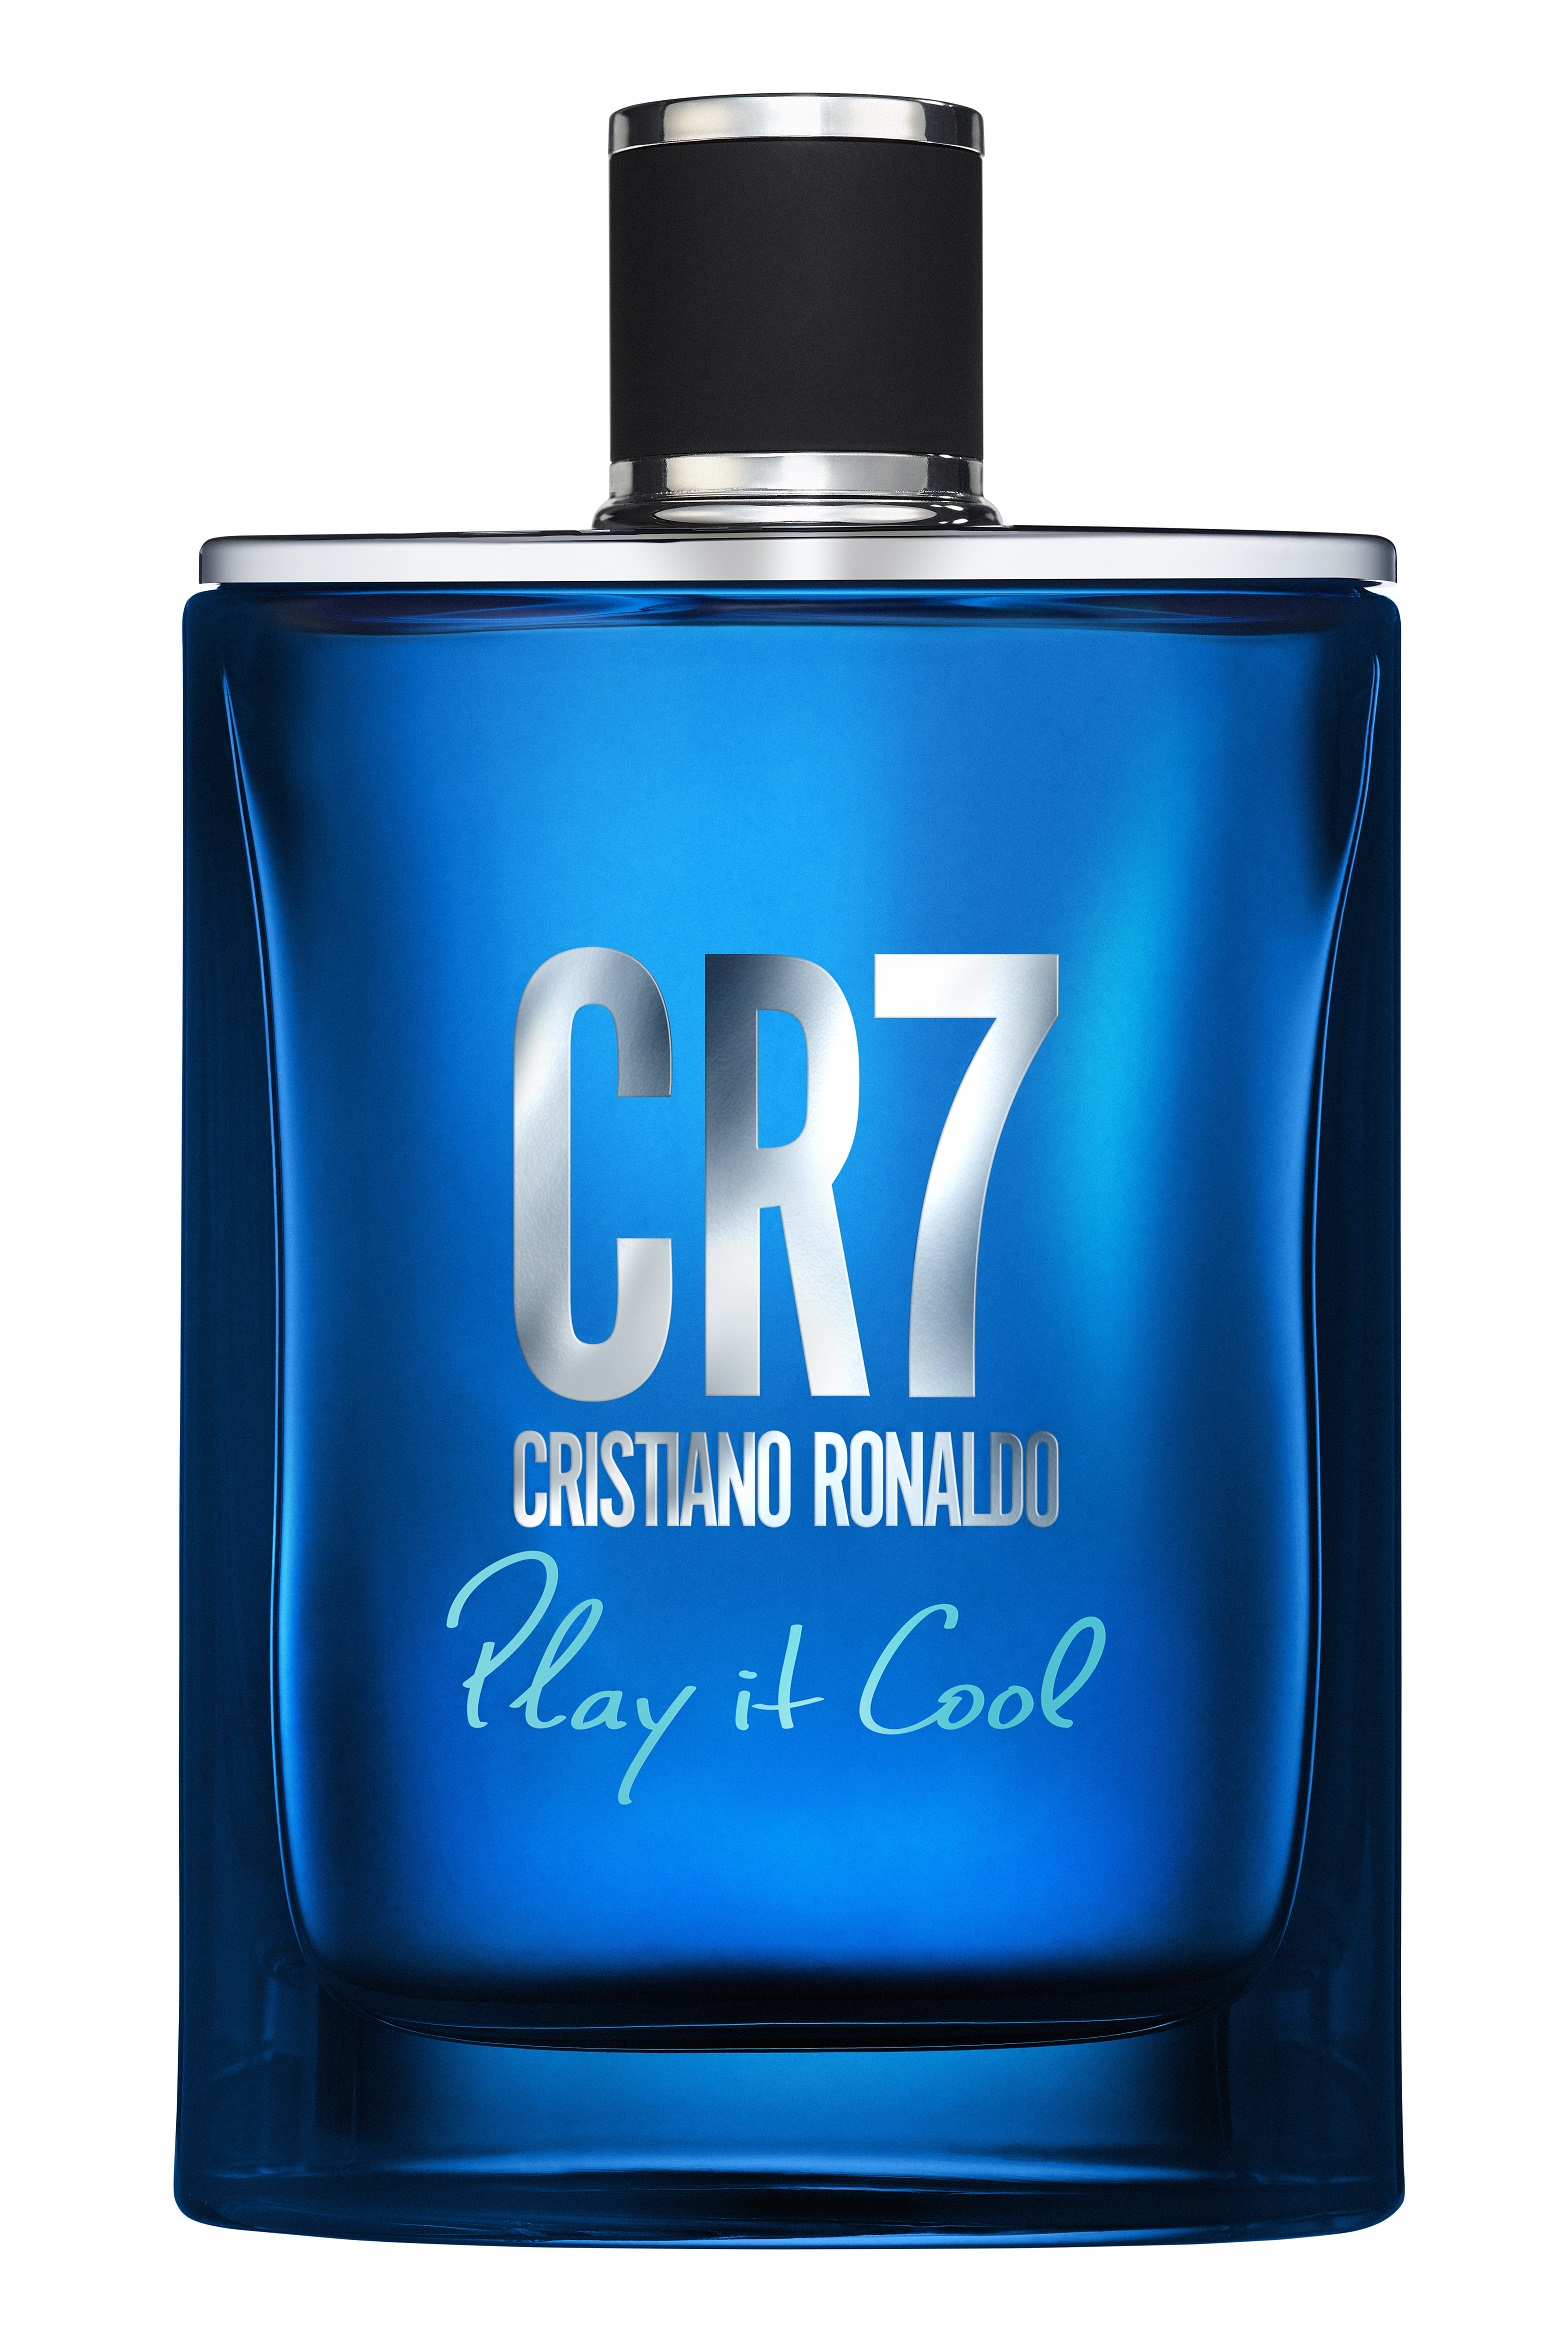 profumo cr7 blu prezzo